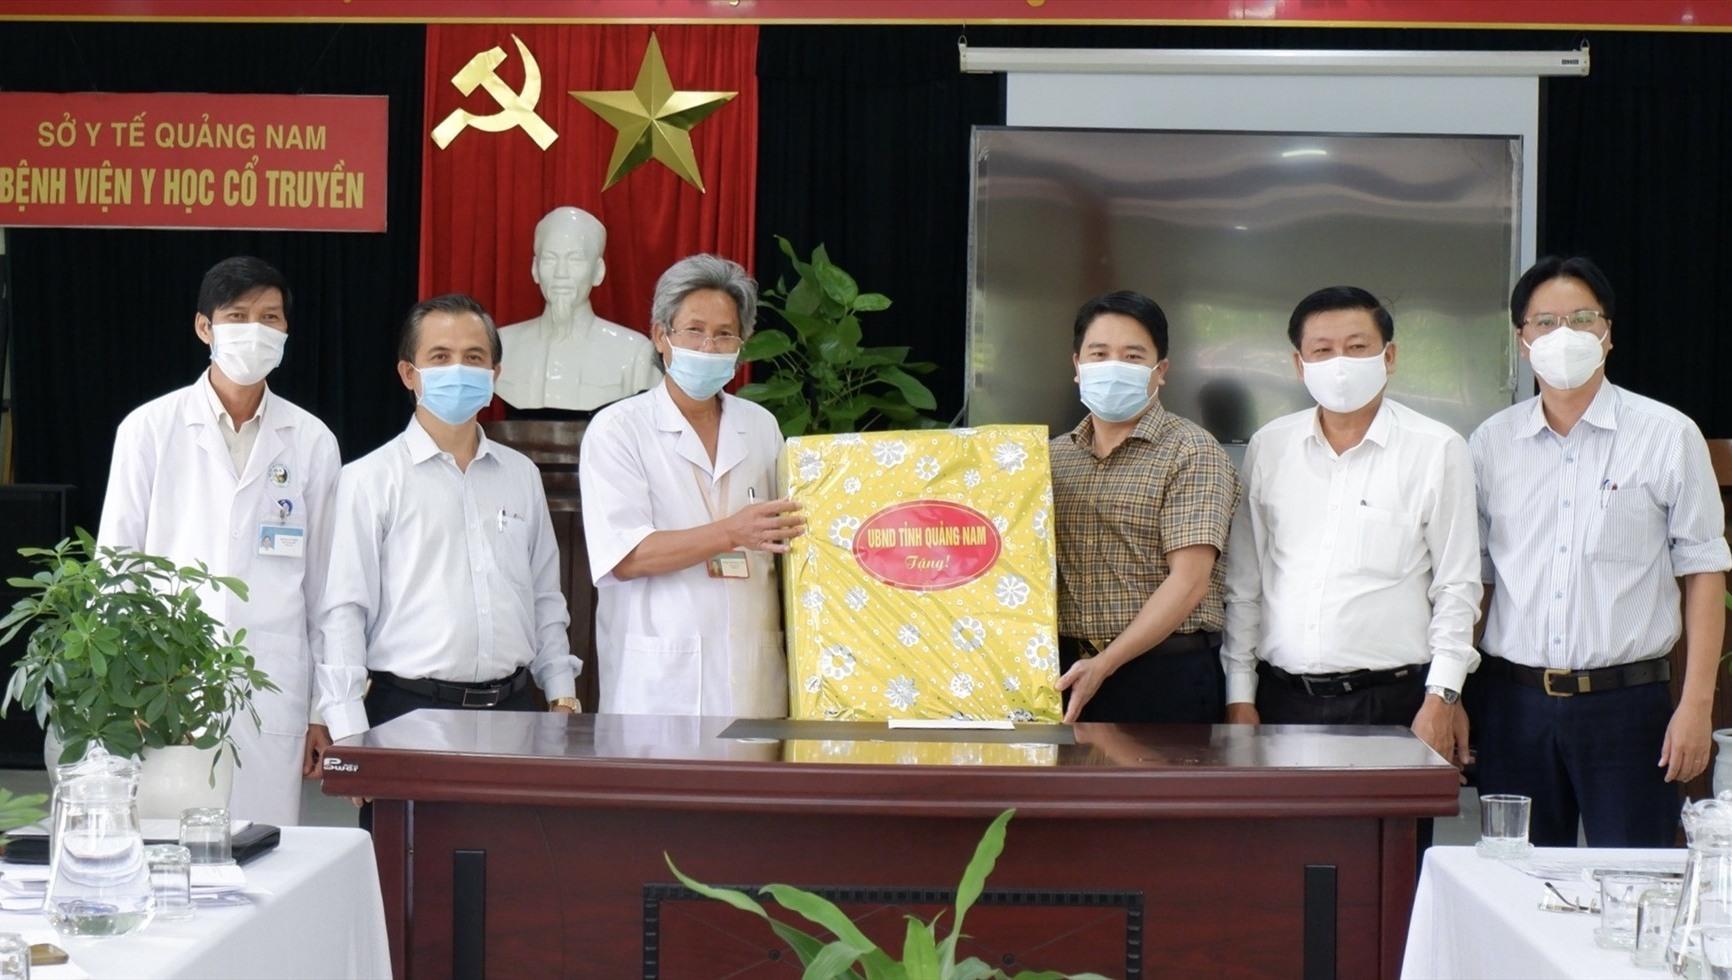 Phó Chủ tịch UBND tỉnh Trần Văn Tân động viên đội ngũ y bác sĩ làm việc tại BV hiện nay. Ảnh: X.H